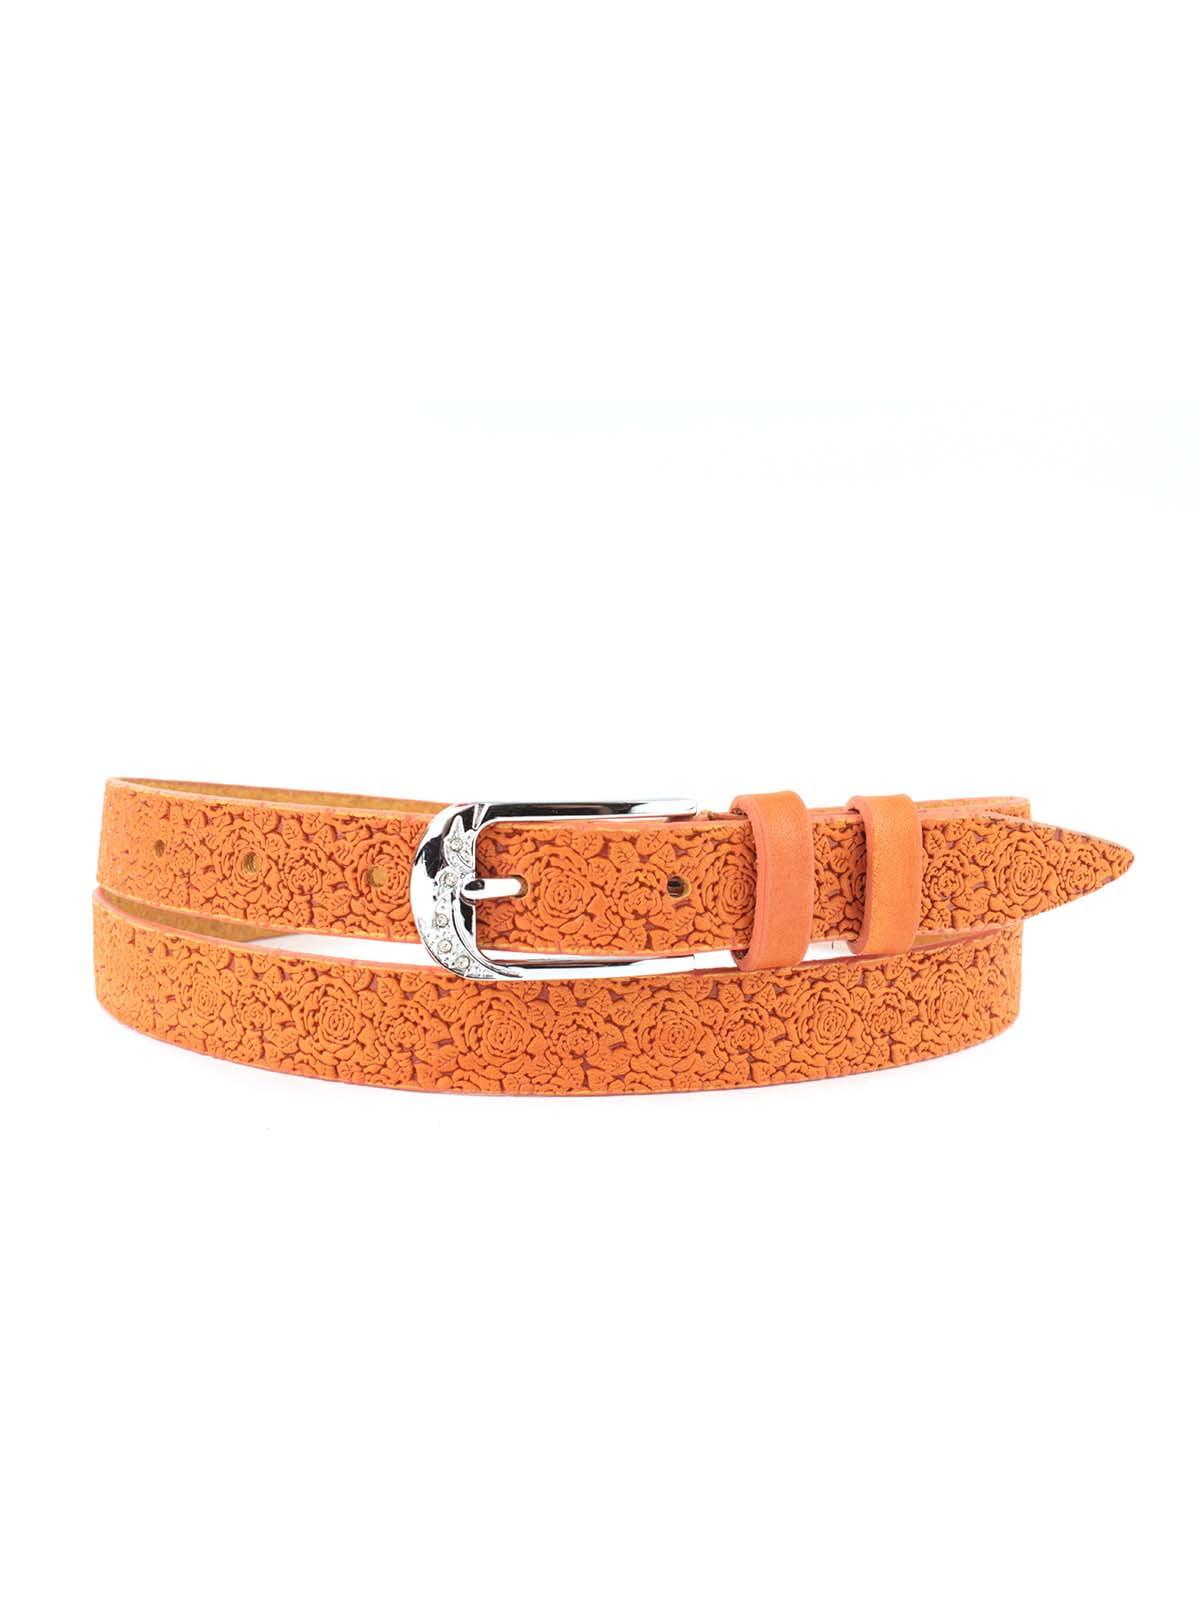 Ремень оранжевый с цветочным рисунком   5344086